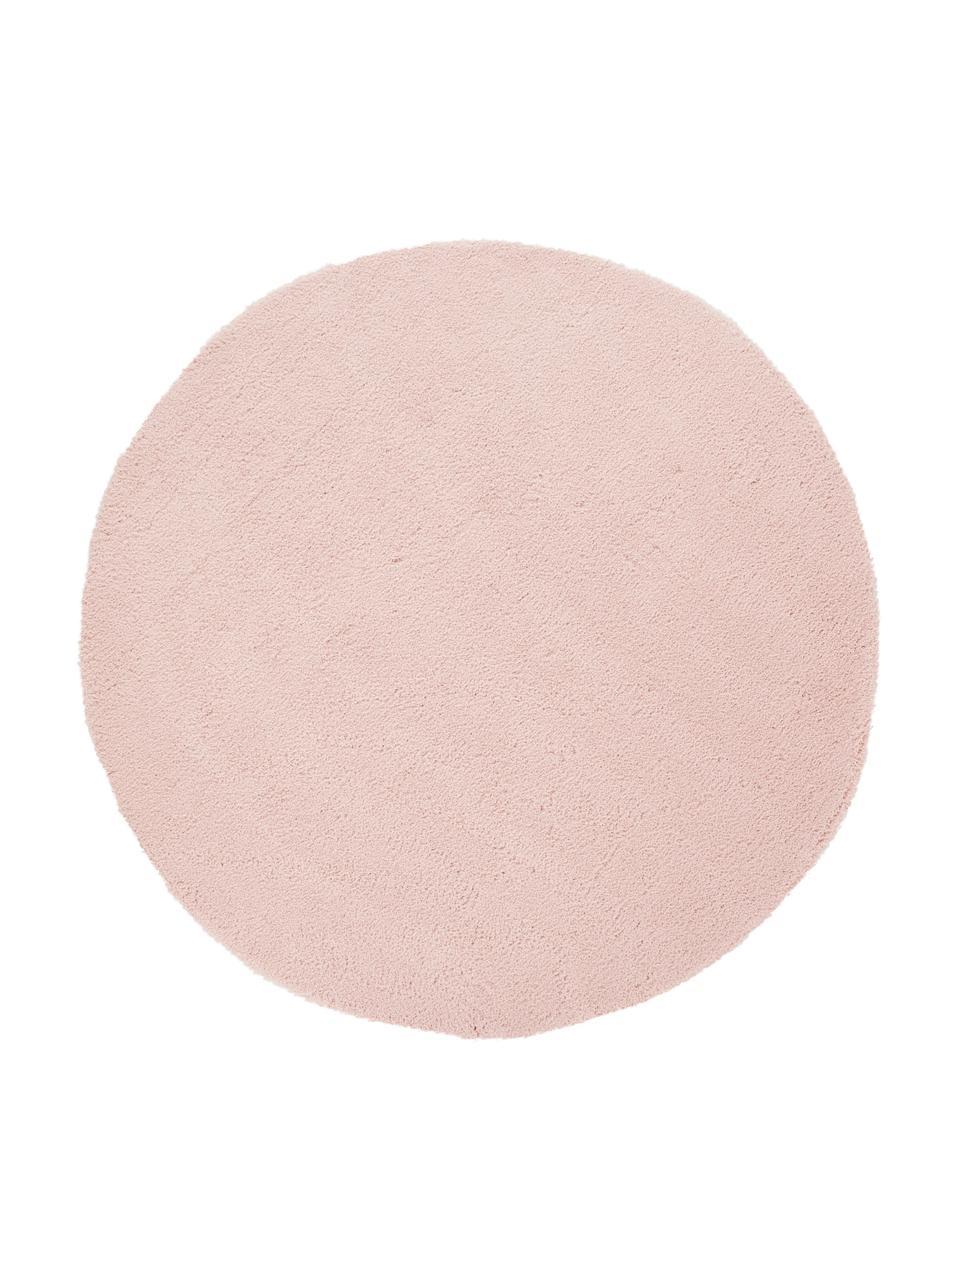 Flauschiger runder Hochflor-Teppich Leighton in Rosa, Flor: Mikrofaser (100% Polyeste, Rosé, Ø 120 cm (Größe S)